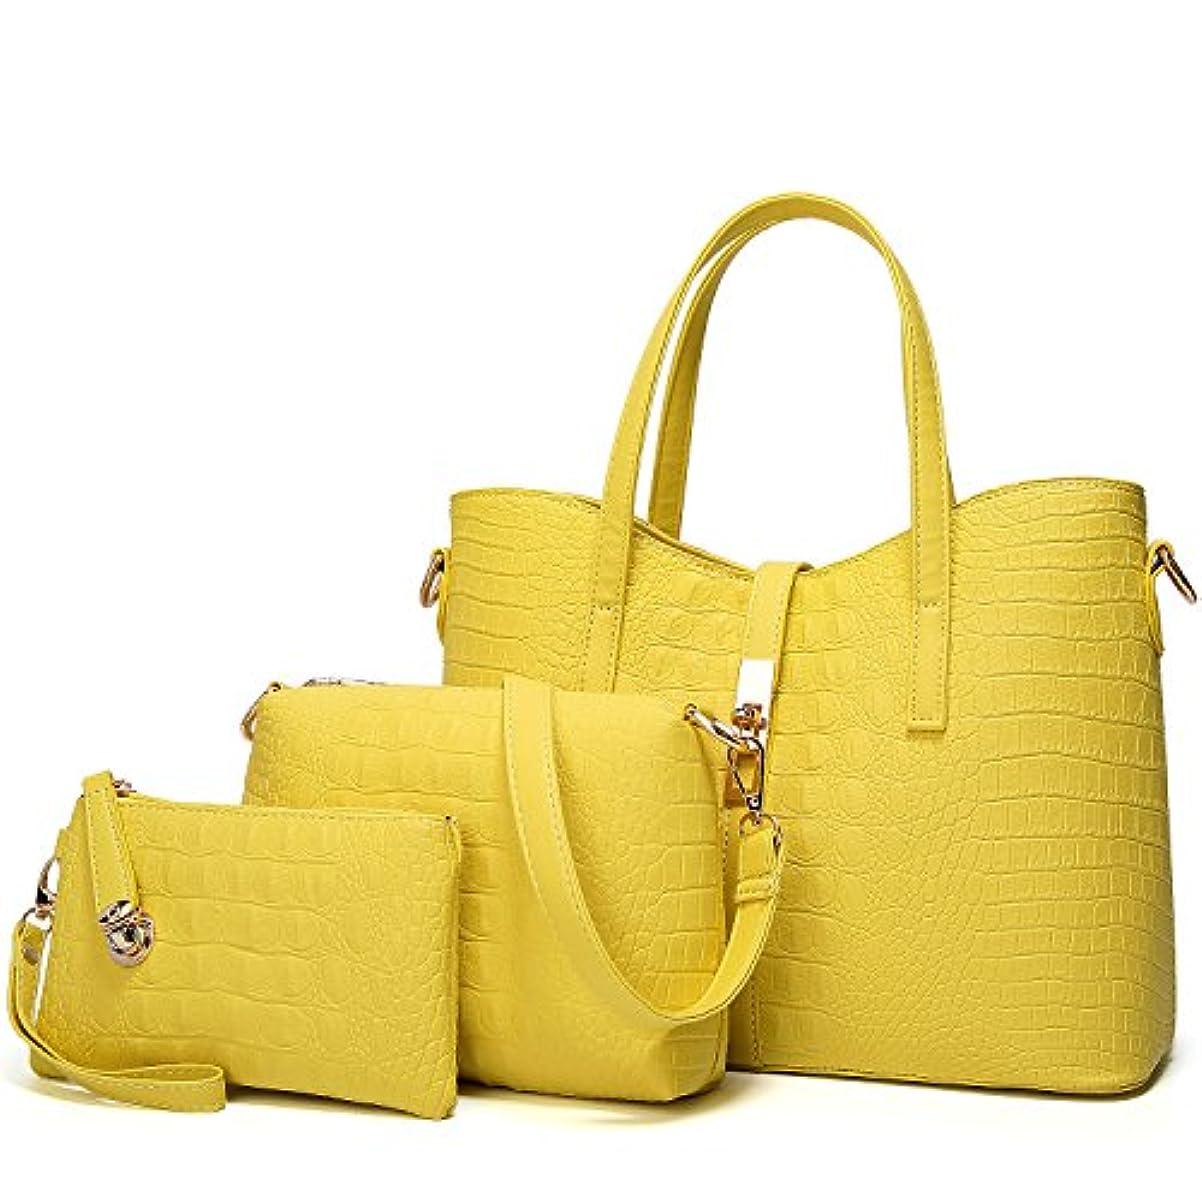 目立つ印象的ネックレット[TcIFE] ハンドバッグ レディース トートバッグ 大容量 無地 ショルダーバッグ 2way 財布とハンドバッグ